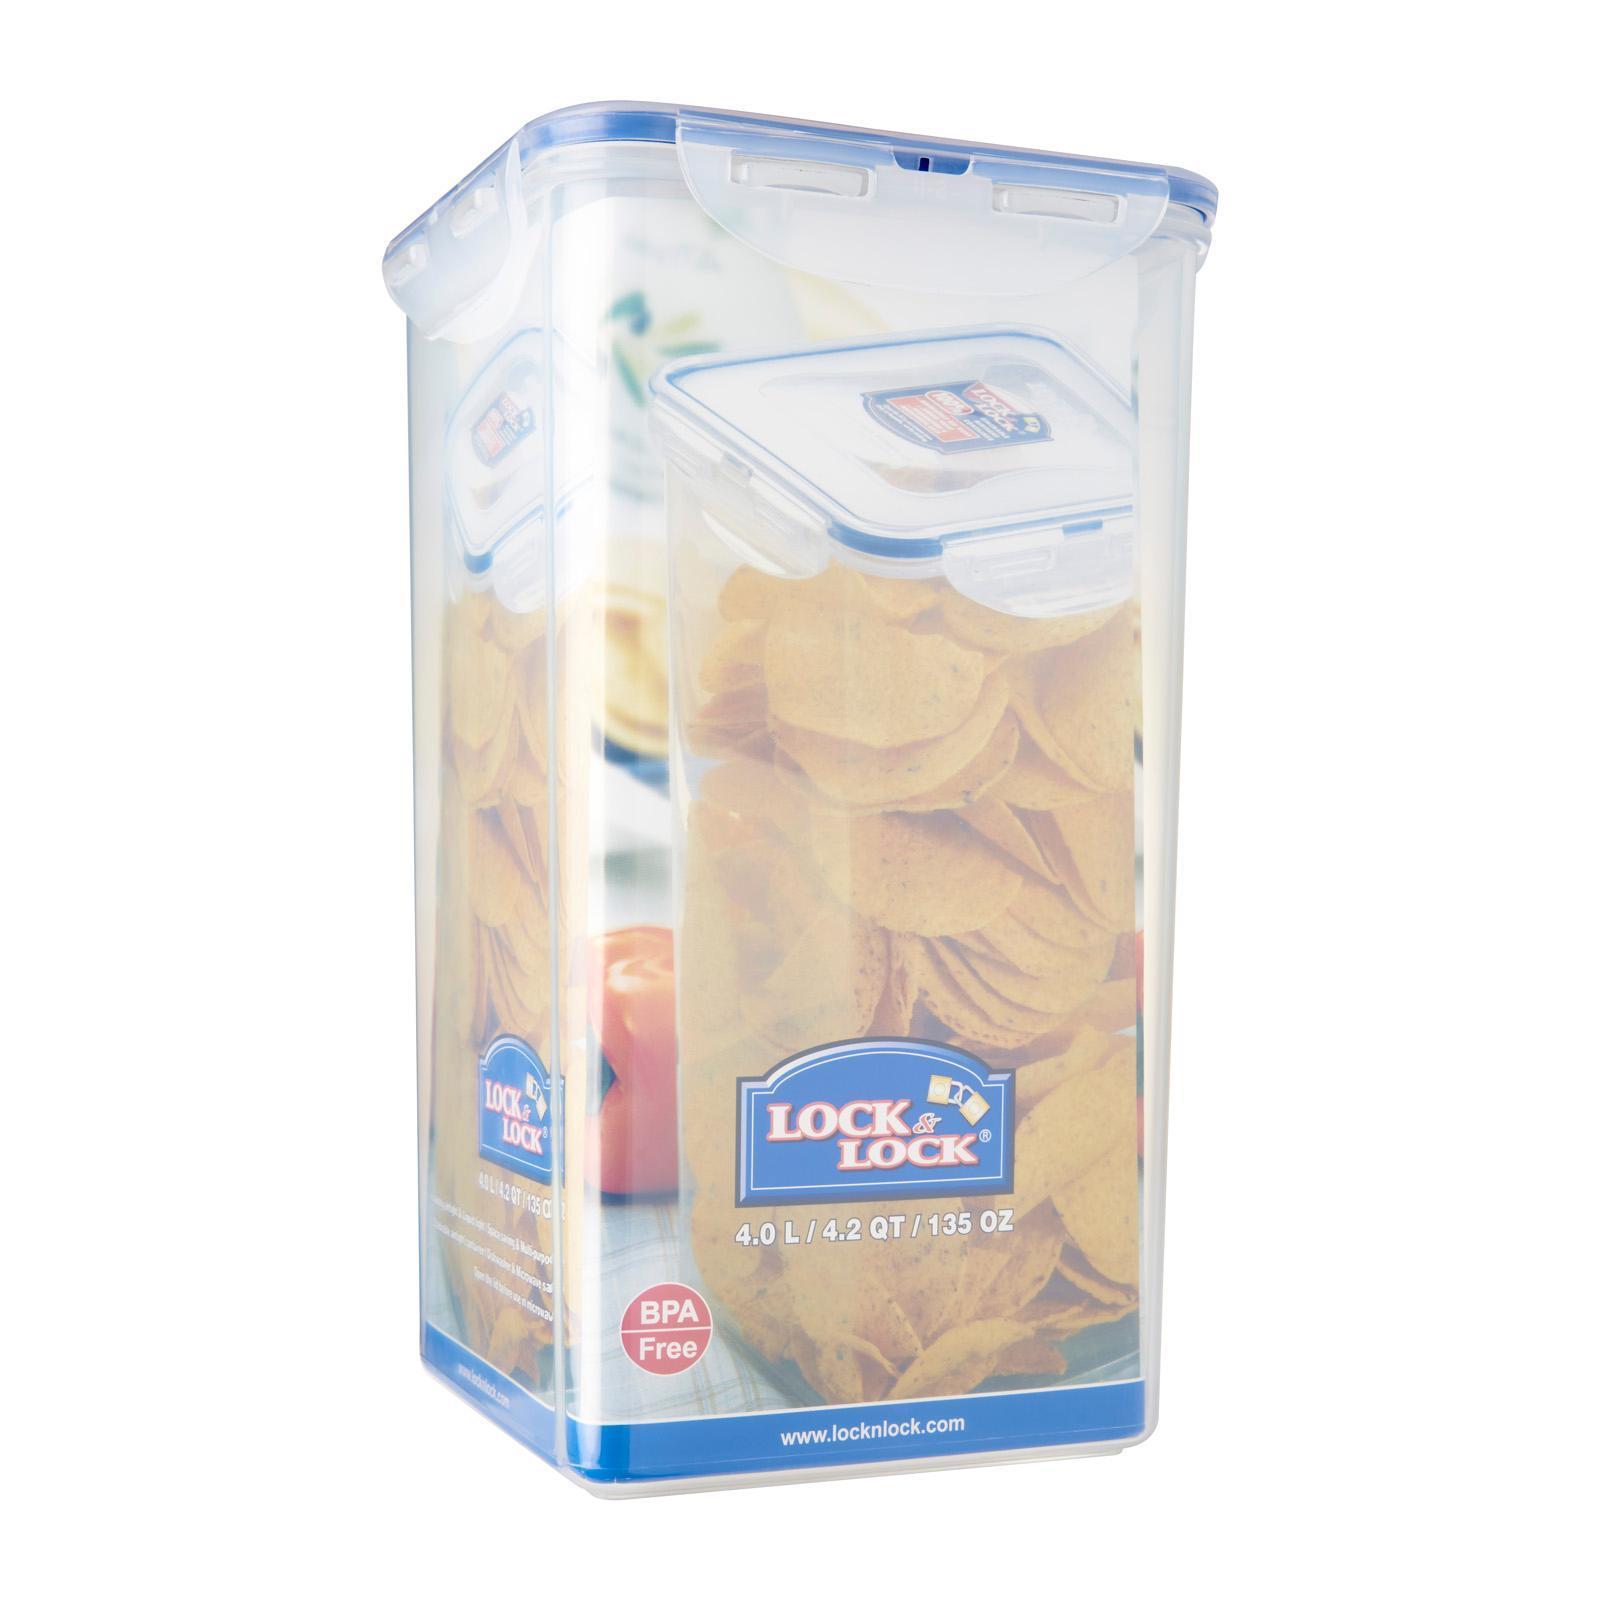 Lock & Lock Square Classic Food Container 4.0L